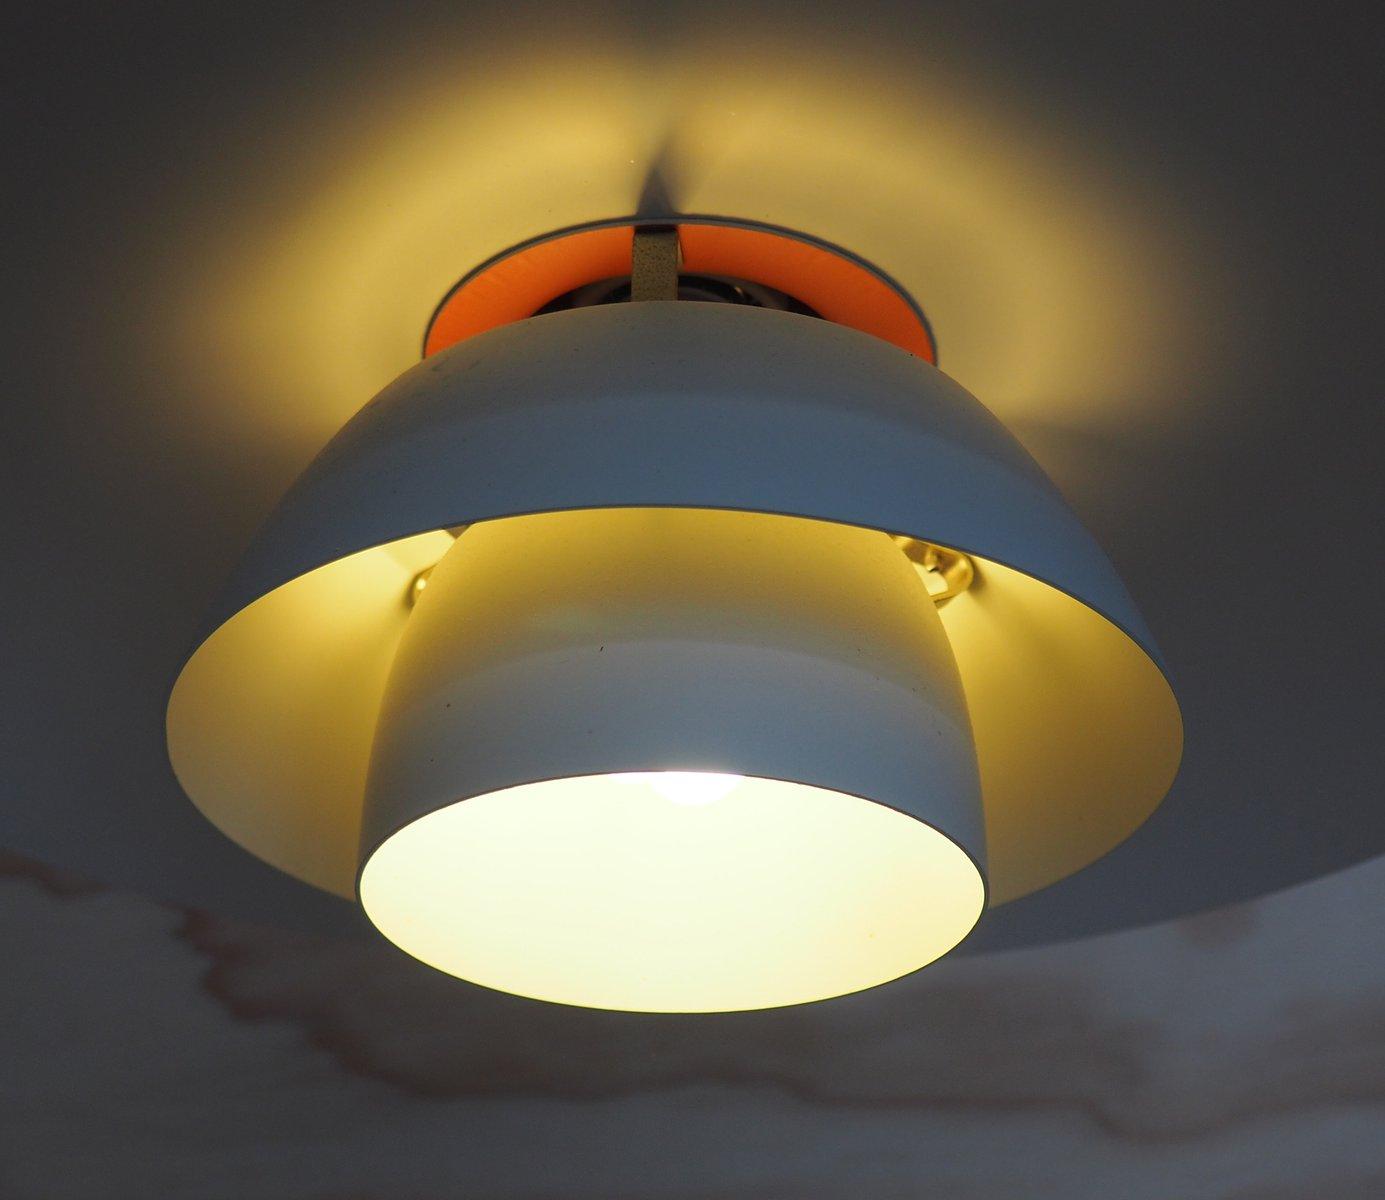 ph 4 3 h ngelampe von poul henningsen f r louis poulsen bei pamono kaufen. Black Bedroom Furniture Sets. Home Design Ideas